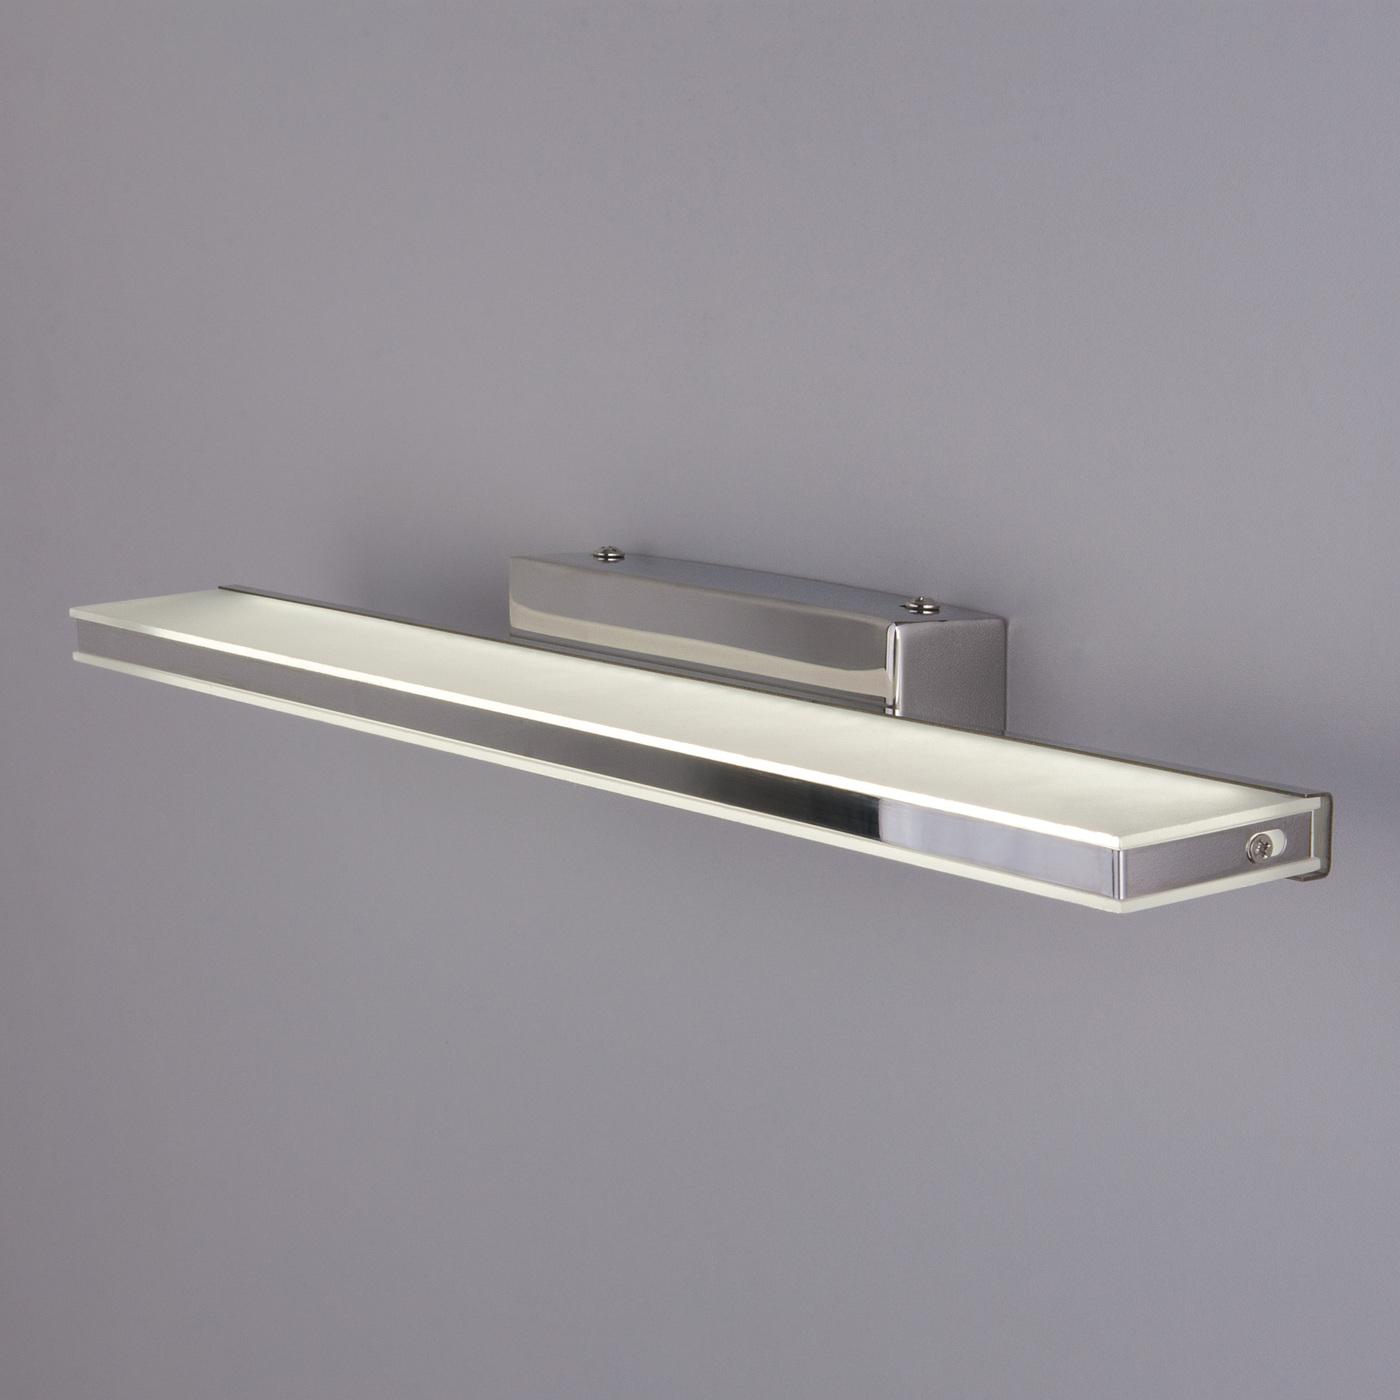 Настенный светильник Elektrostandard Tabla LED светодиодный MRL LED 1075, 9 Вт elektrostandard настенный светильник elektrostandard inside led белый матовый mrl led 12w